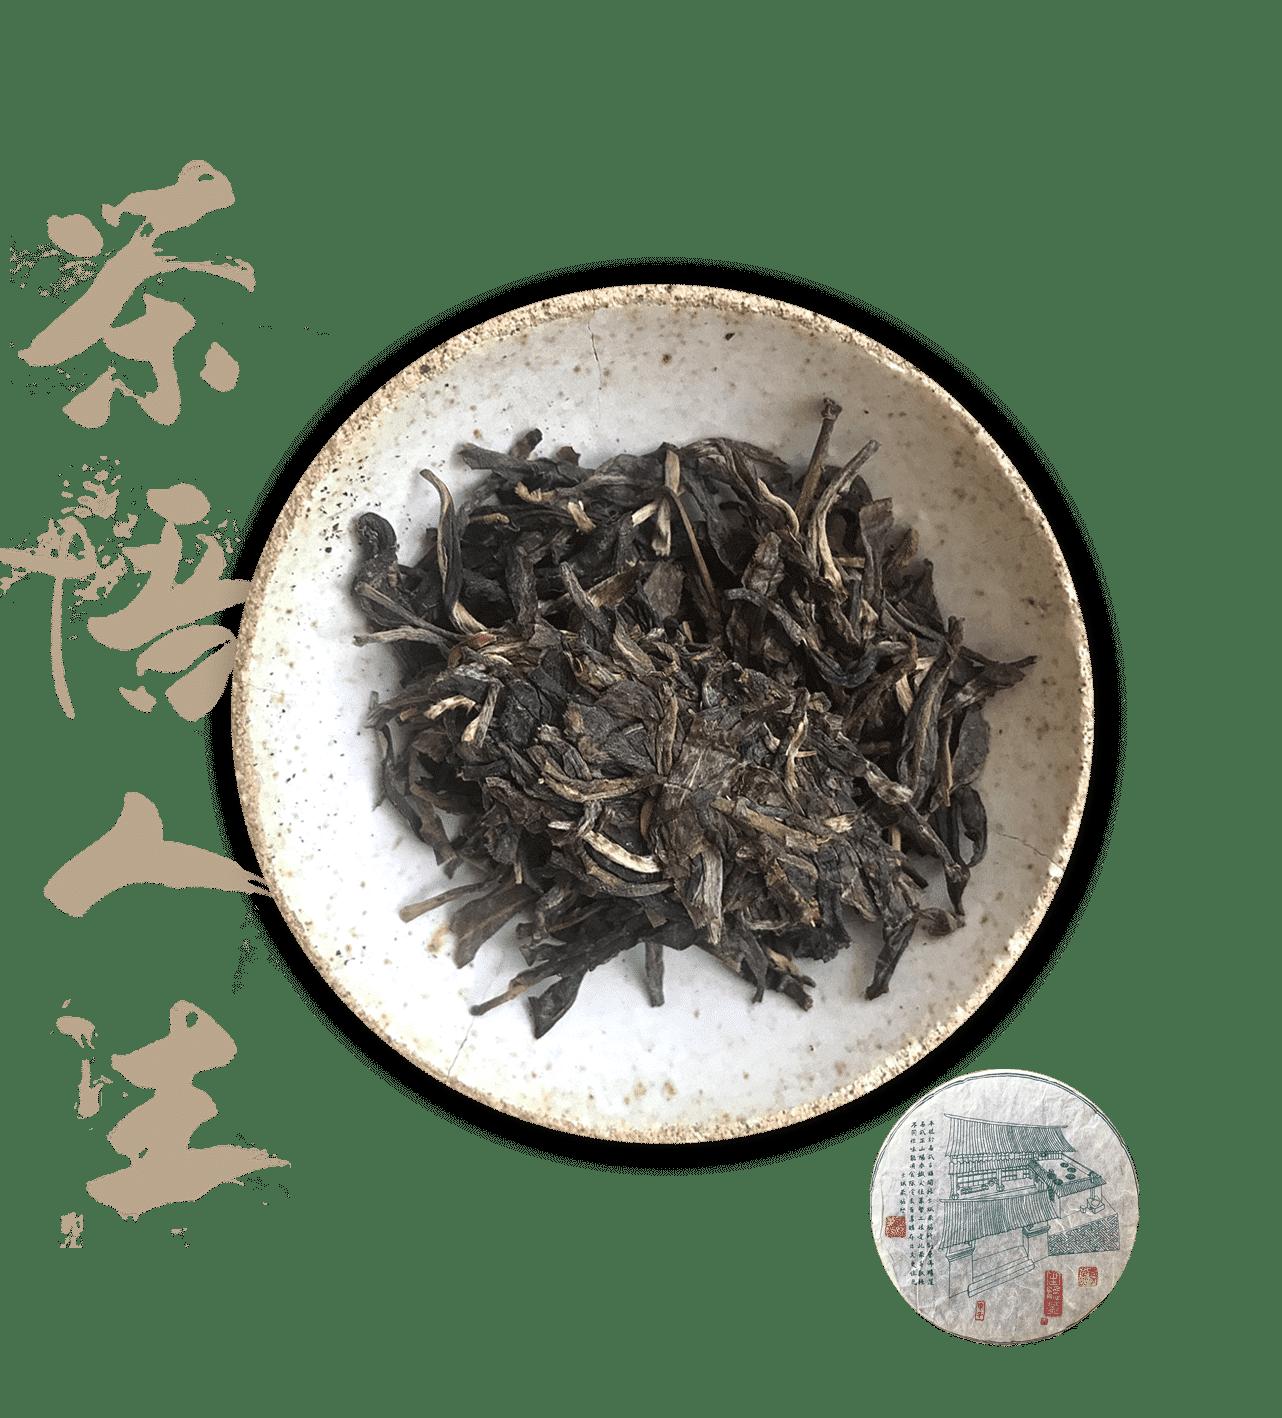 wang bing lao shen tai est un thé puerh grands crus du yunnan